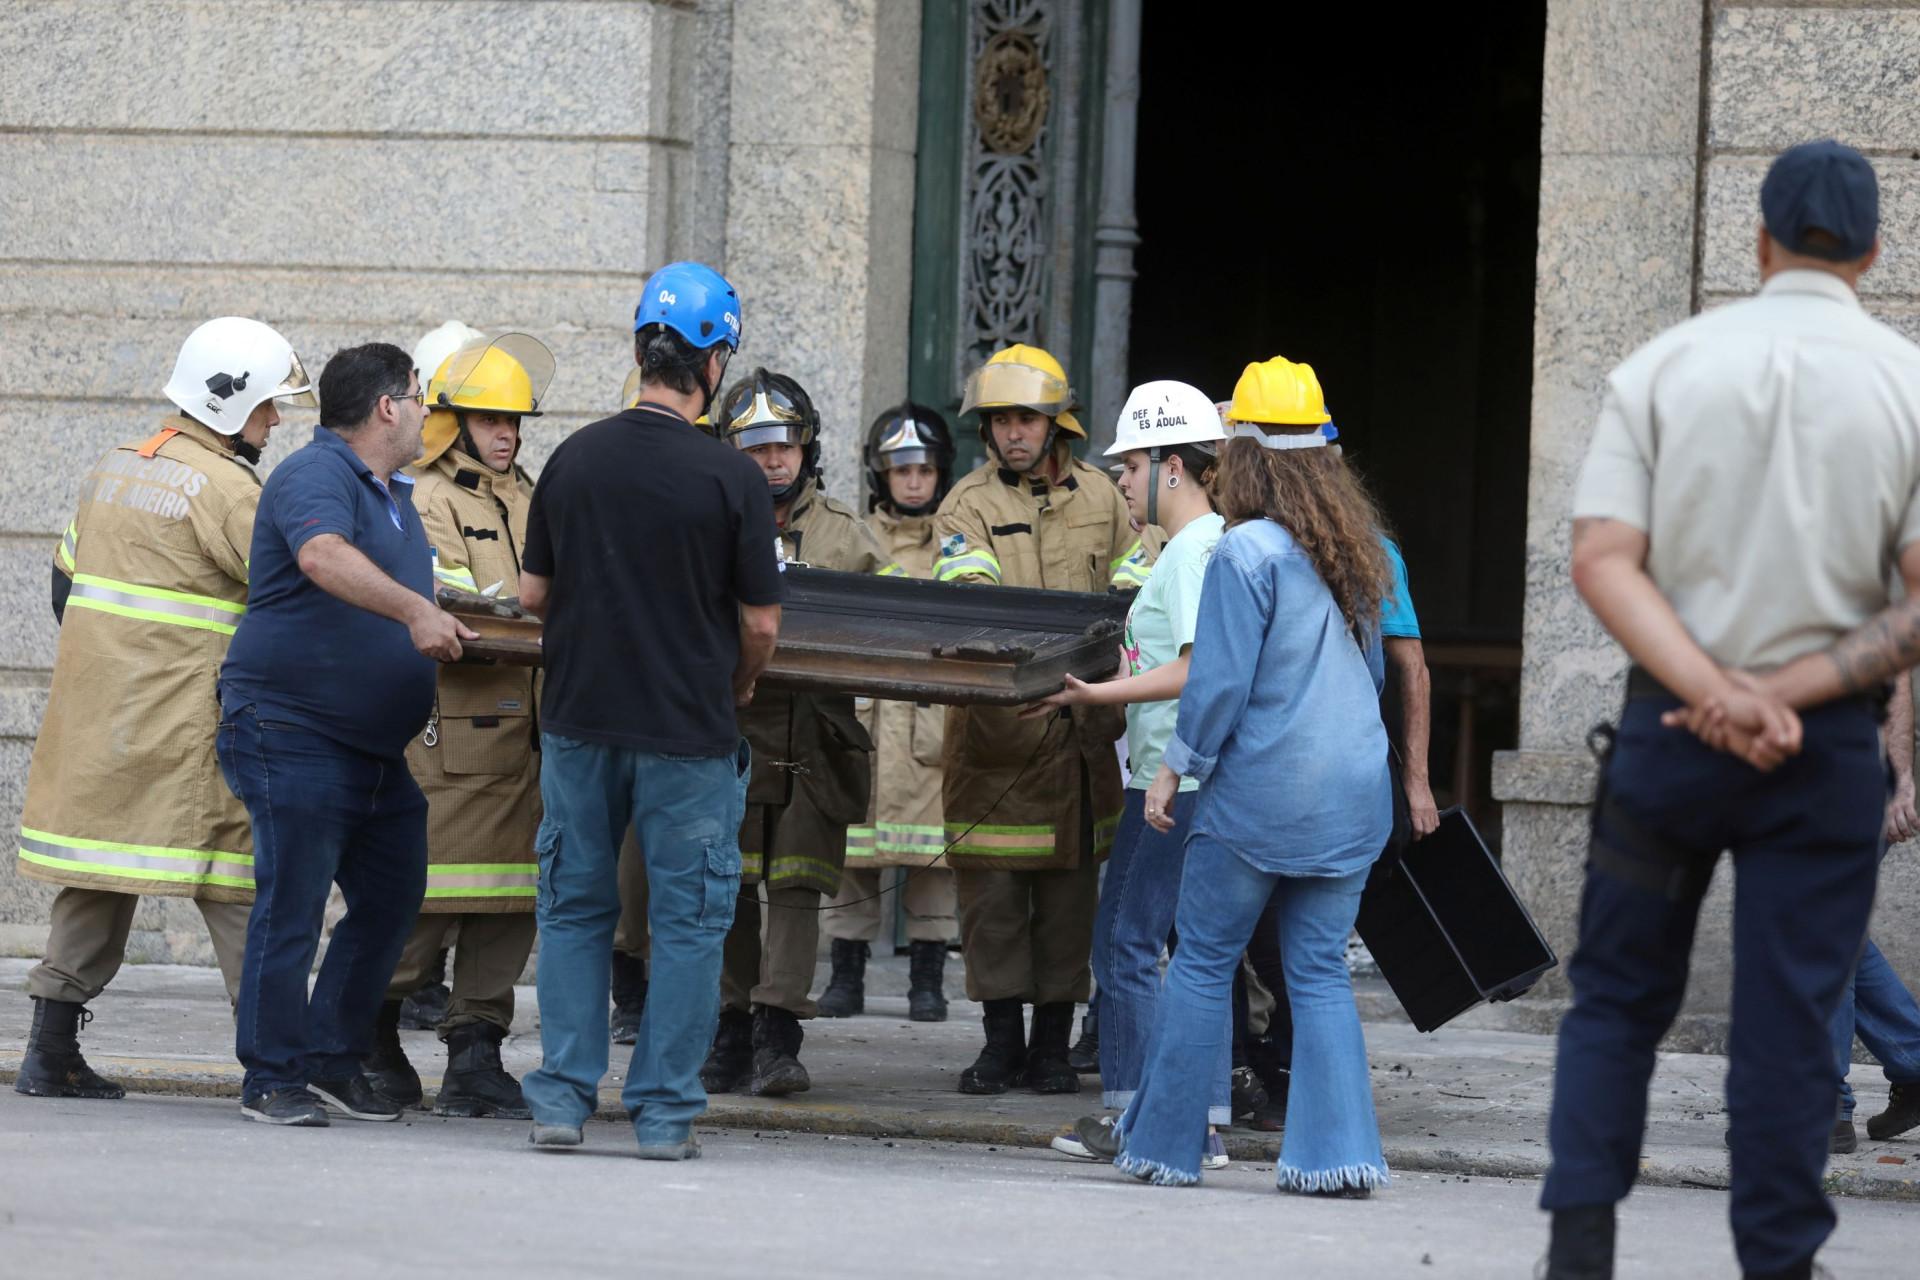 Foi isto que restou após incêndio no Museu Nacional do Rio de Janeiro